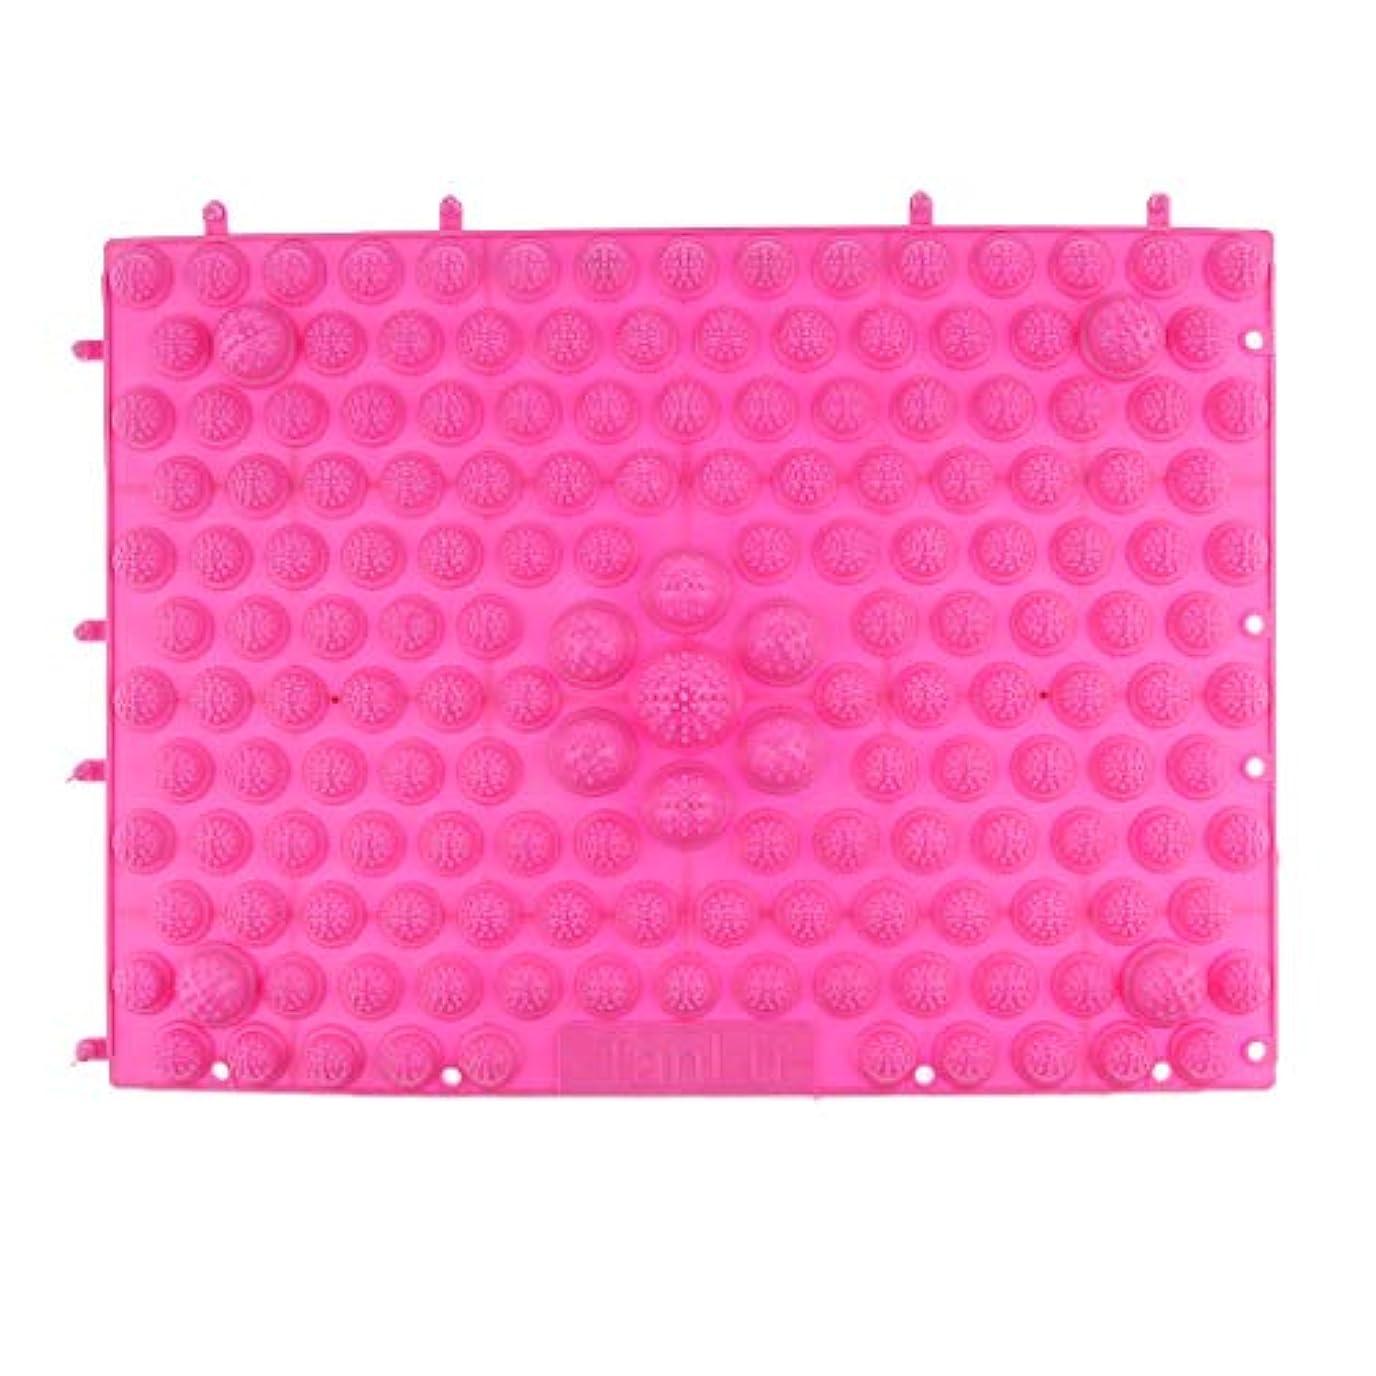 モスグローバルカスケードフットマッサージマット マッサージシート 指圧クッション ストレス解消 快適 多色選べ - ピンク